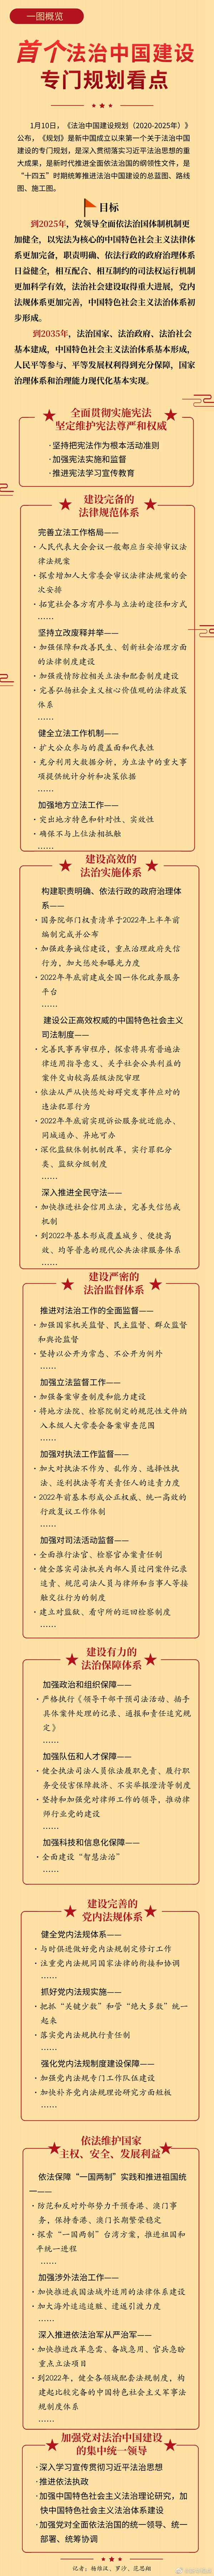 一图概览|首个法治中国建设专门规划看点